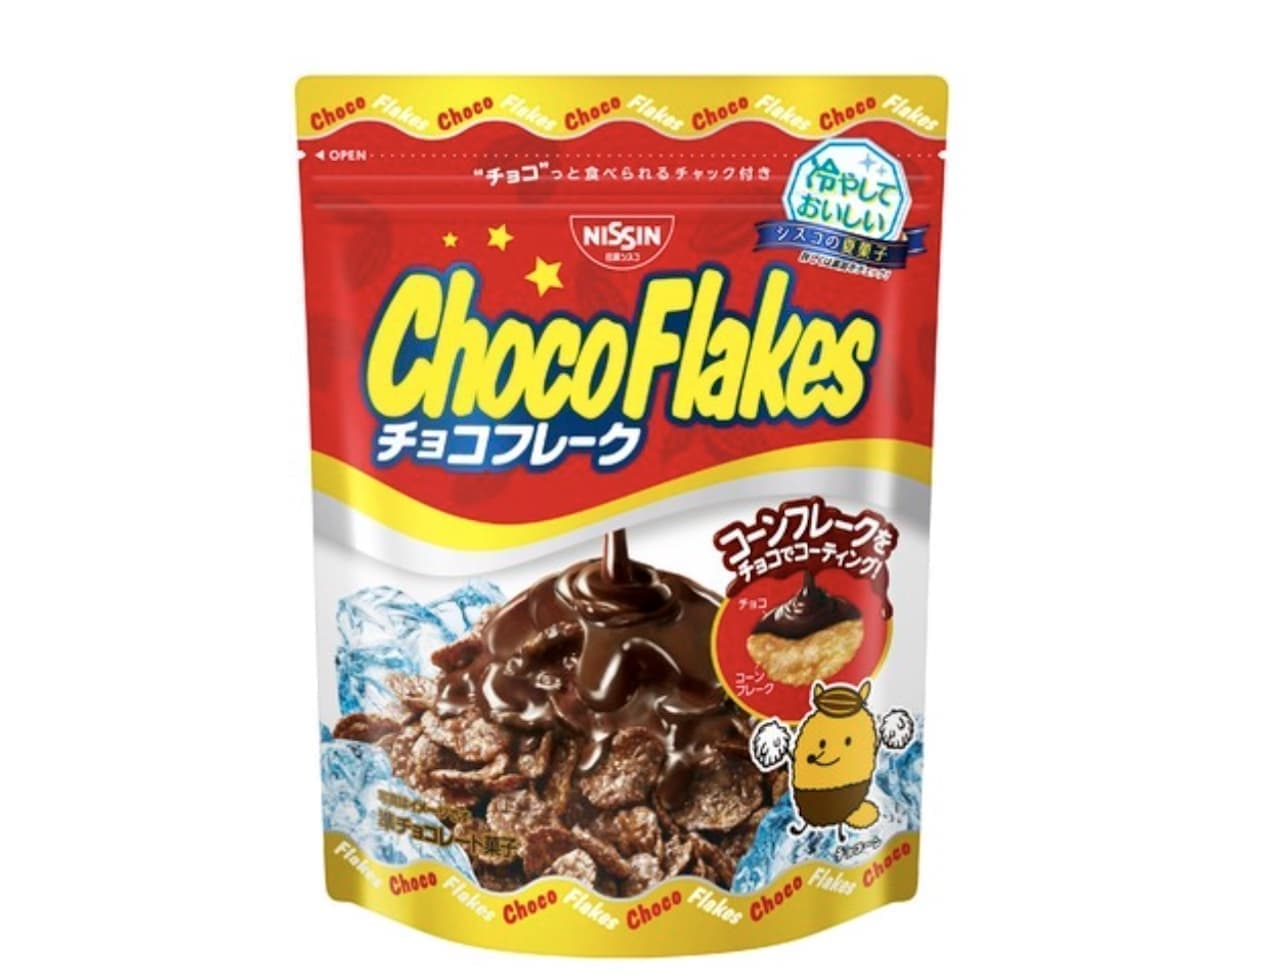 日清シスコ「チョコフレーク 冷やしてパッケージ」